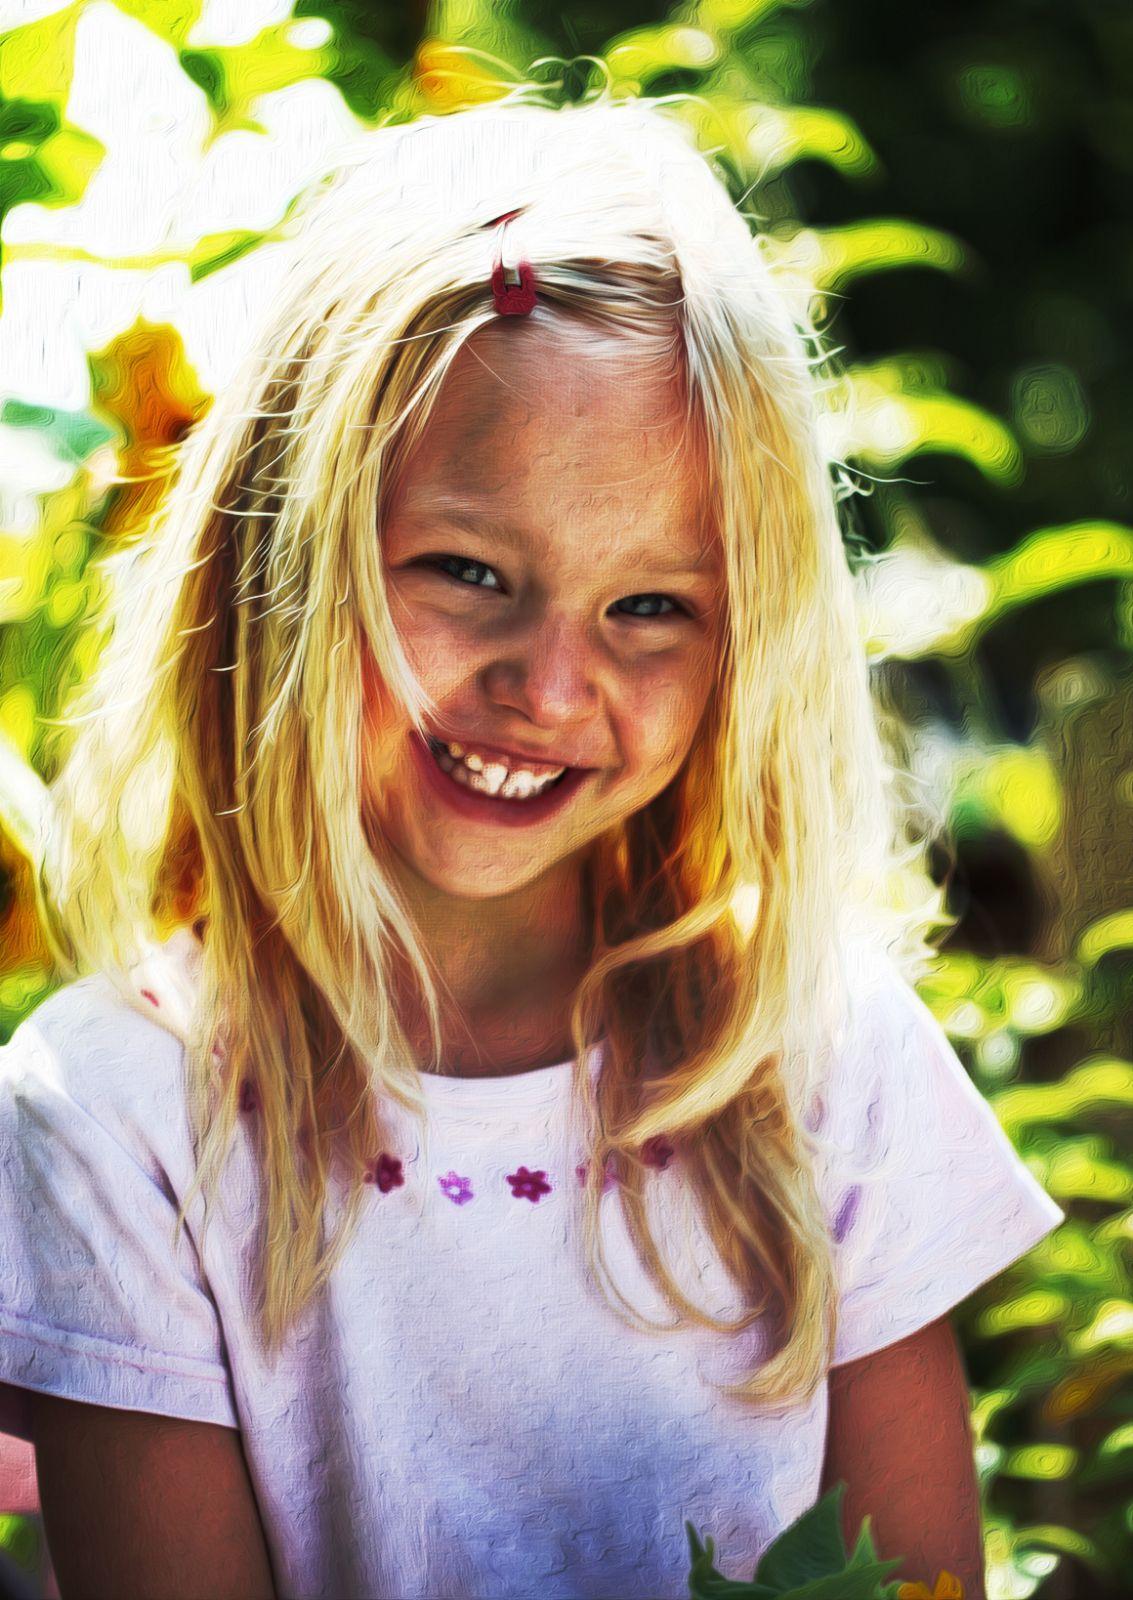 Das Weihnachtsgeschenk – Kinderportrait vom Foto.